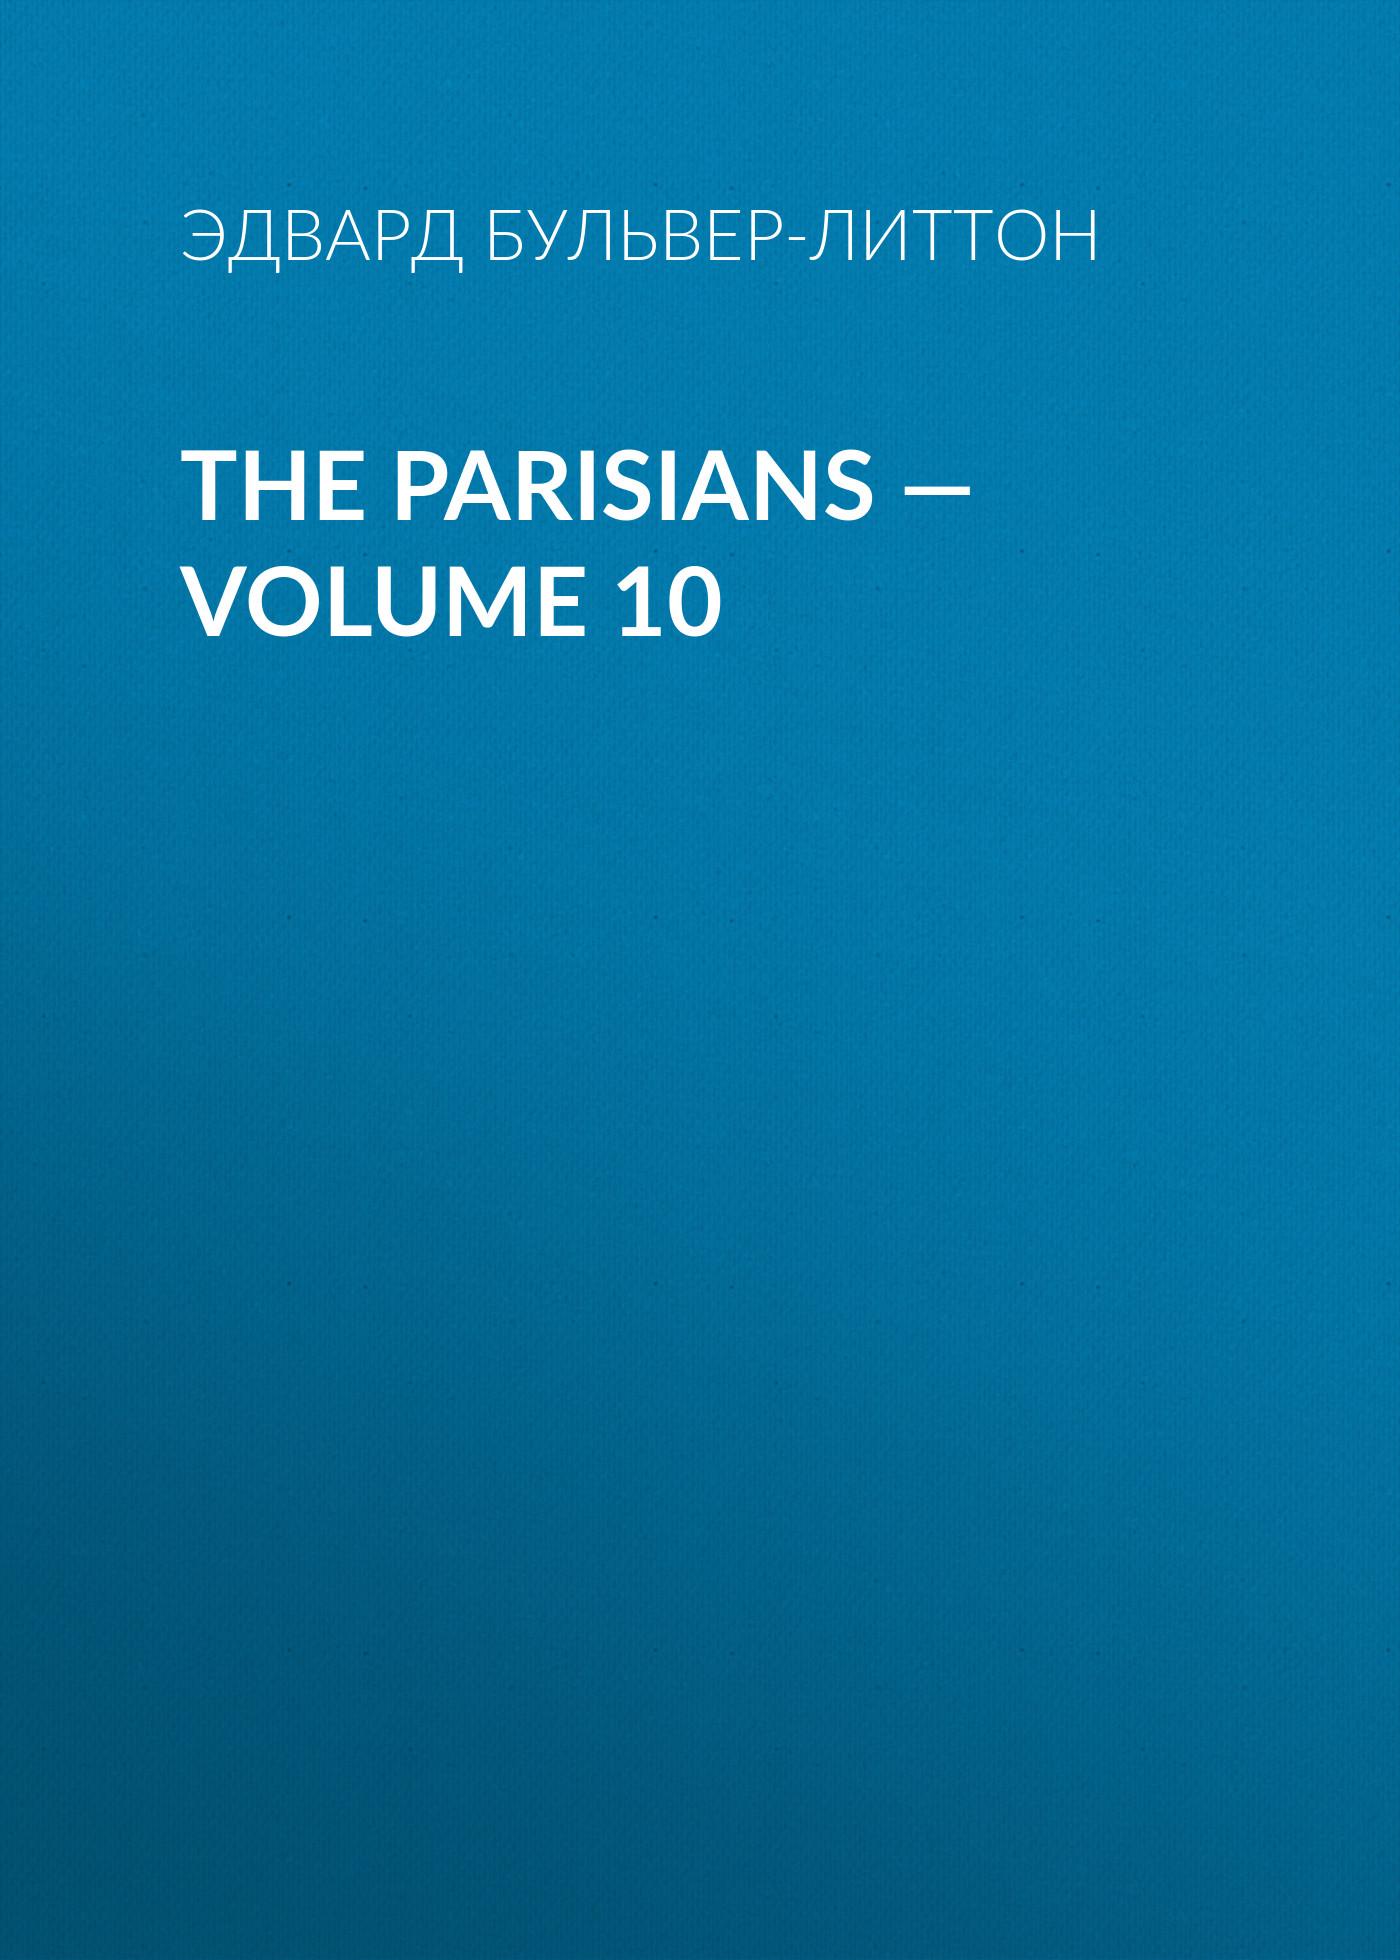 The Parisians — Volume 10